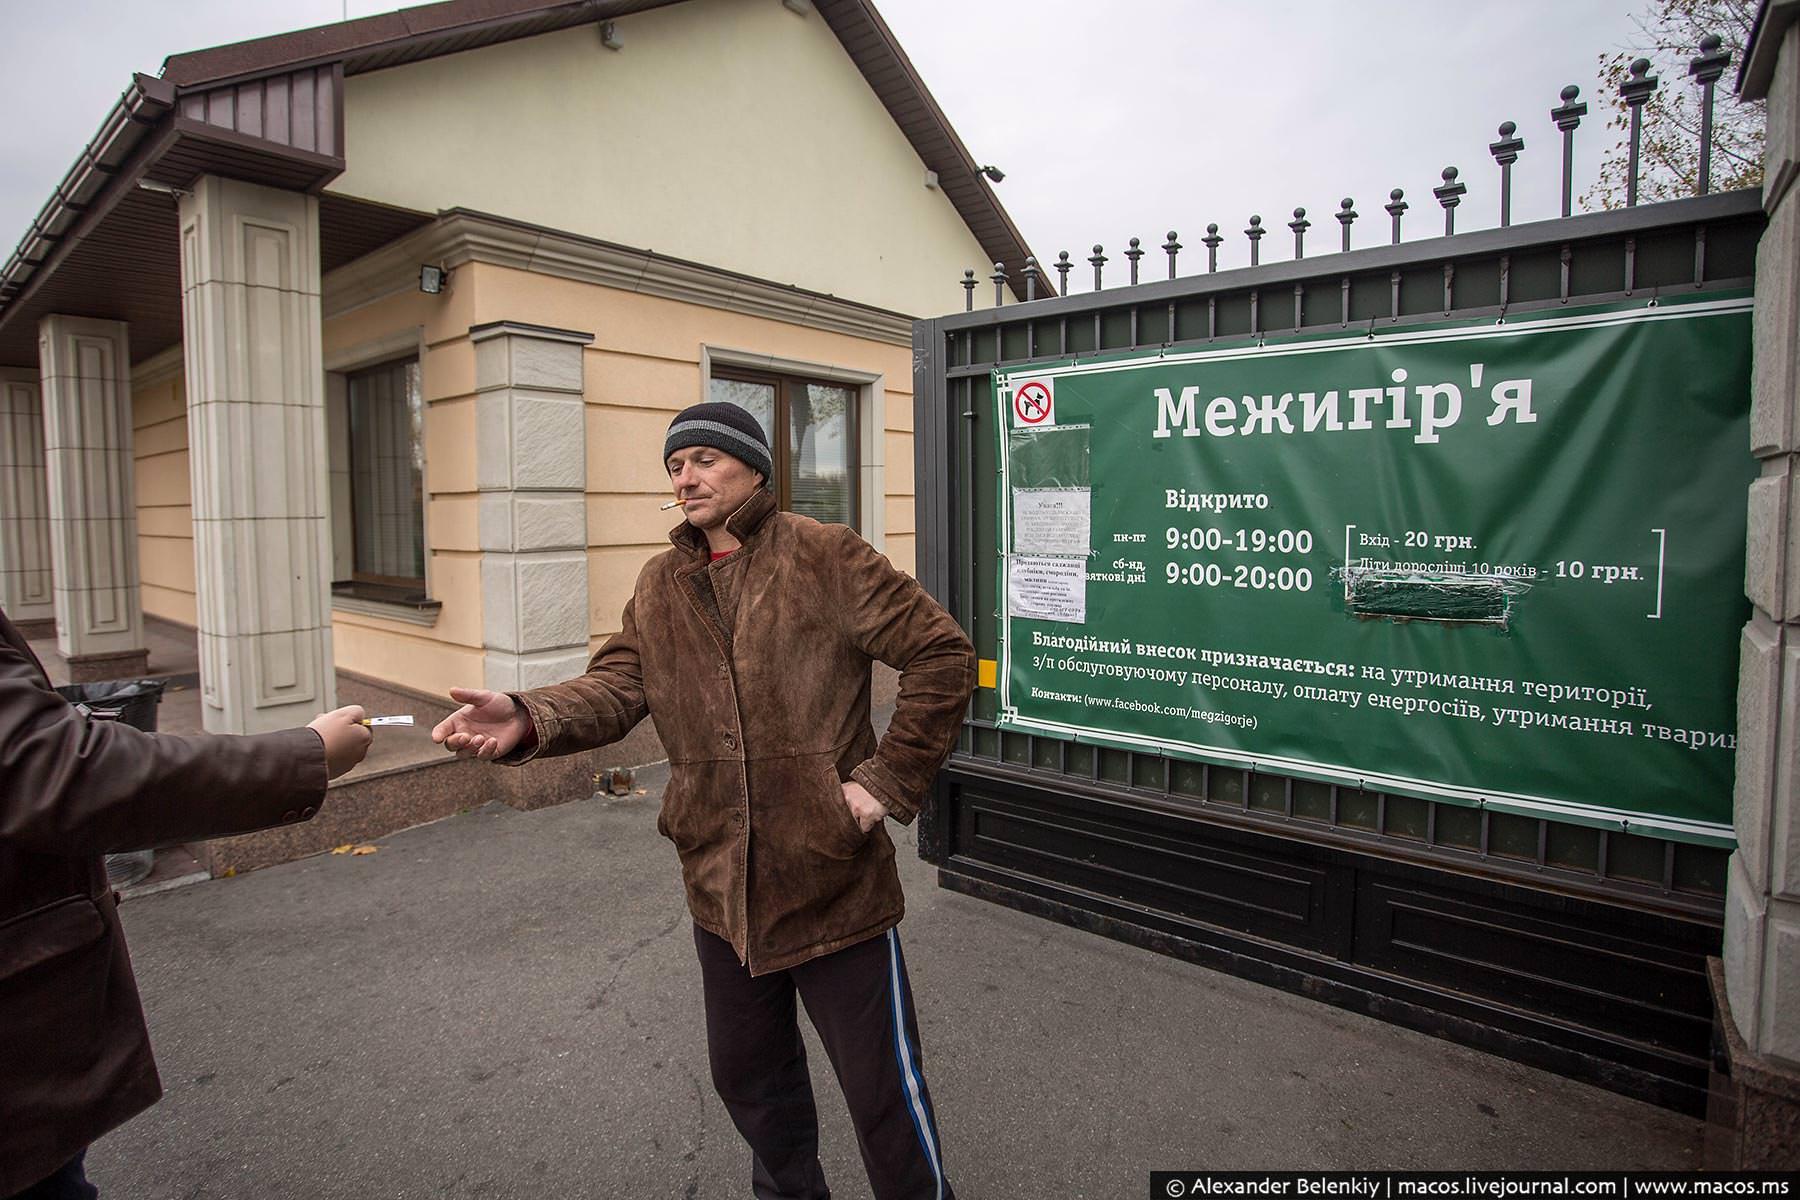 http://www.pravda-tv.ru/wp-content/uploads/2014/11/LR2014.10-UA-Residence-3.jpg